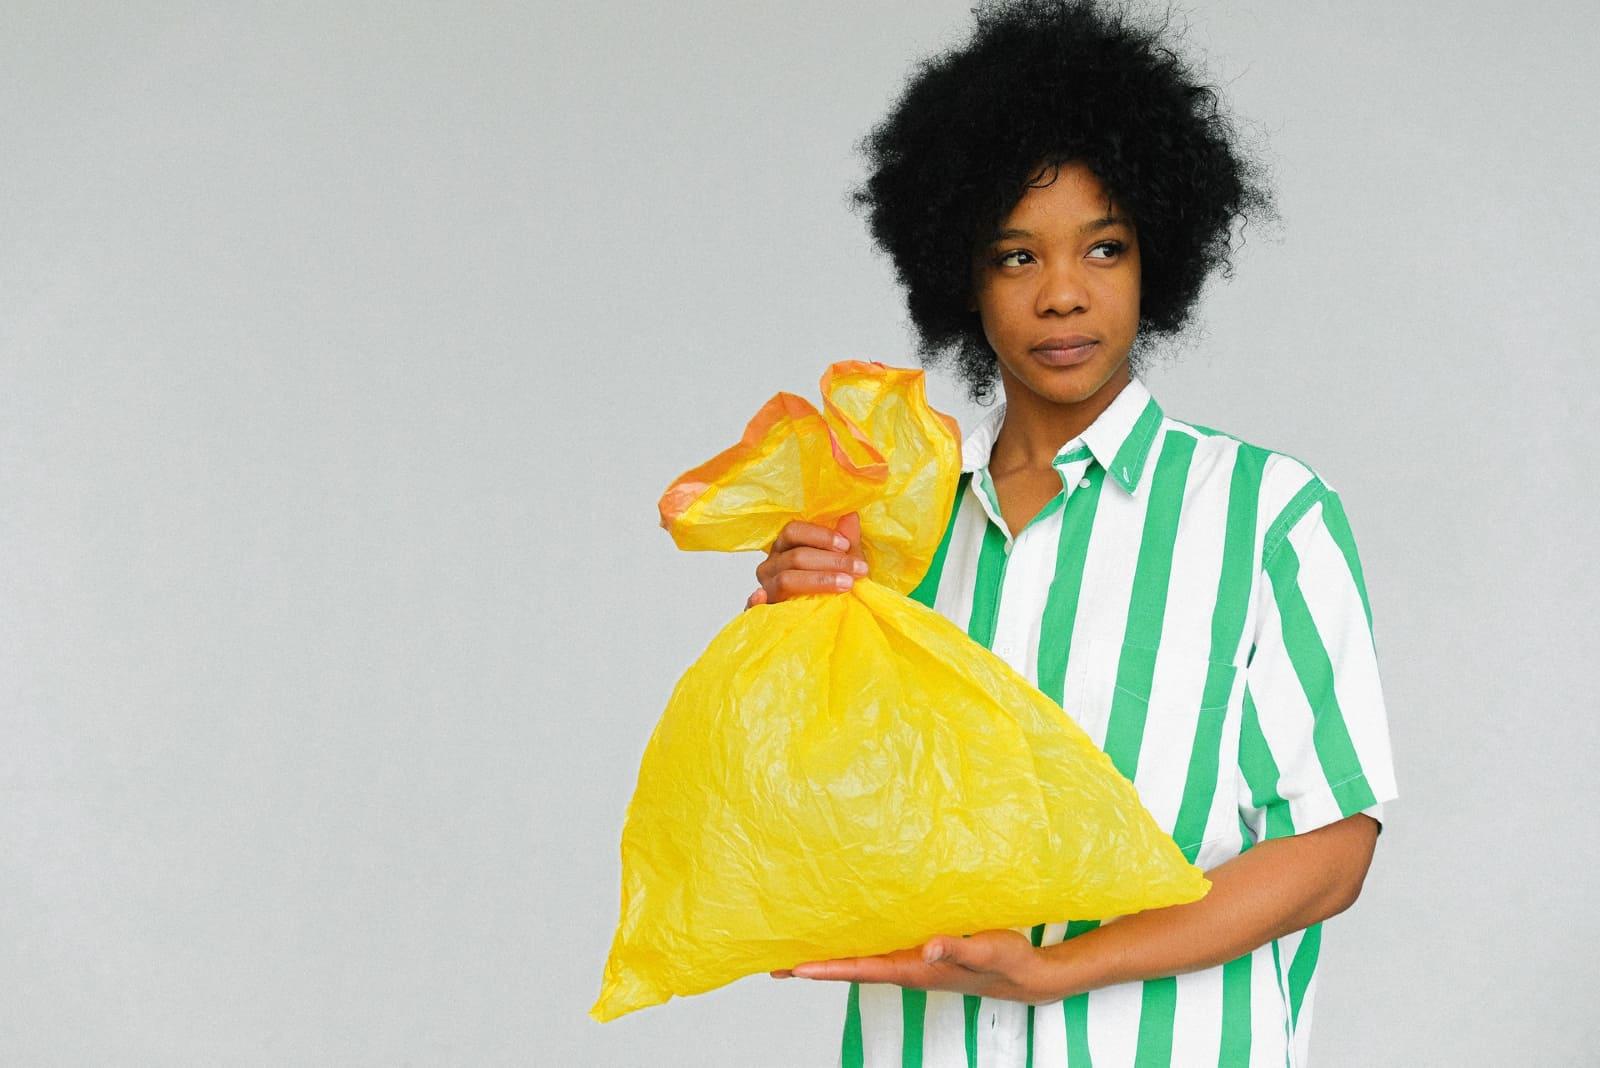 femme aux cheveux bouclés tenant un sac en plastique jaune